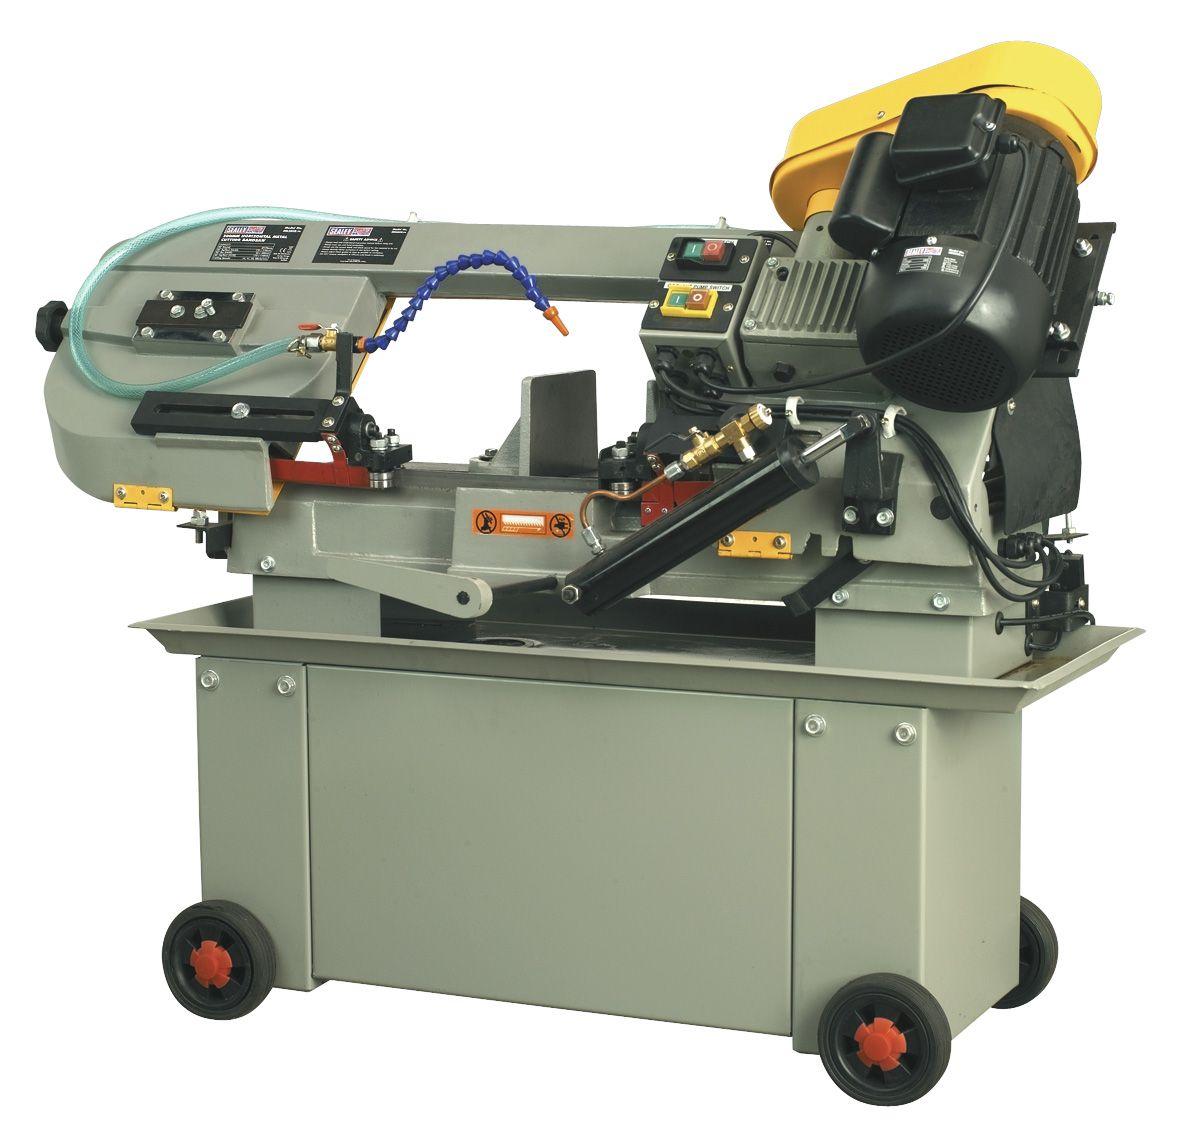 Sealey Bandsaw 300mm Horizontal Hydraulic Arm